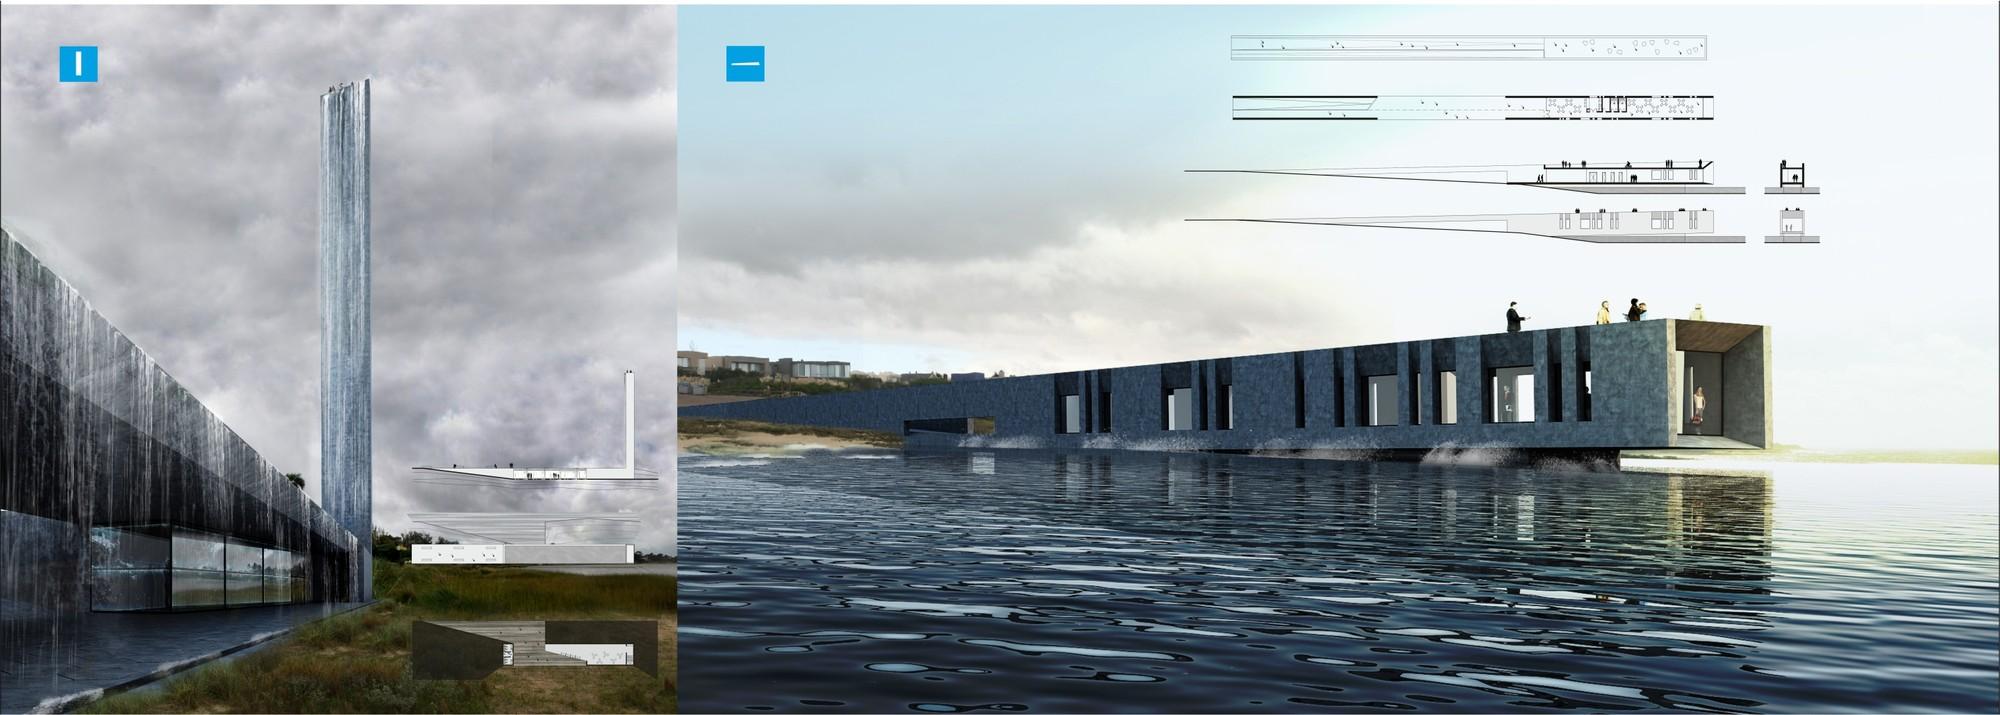 Estudio BCP, Primer Lugar en concurso urbano para La Barra / Uruguay, Cortesia de Estudio BCP